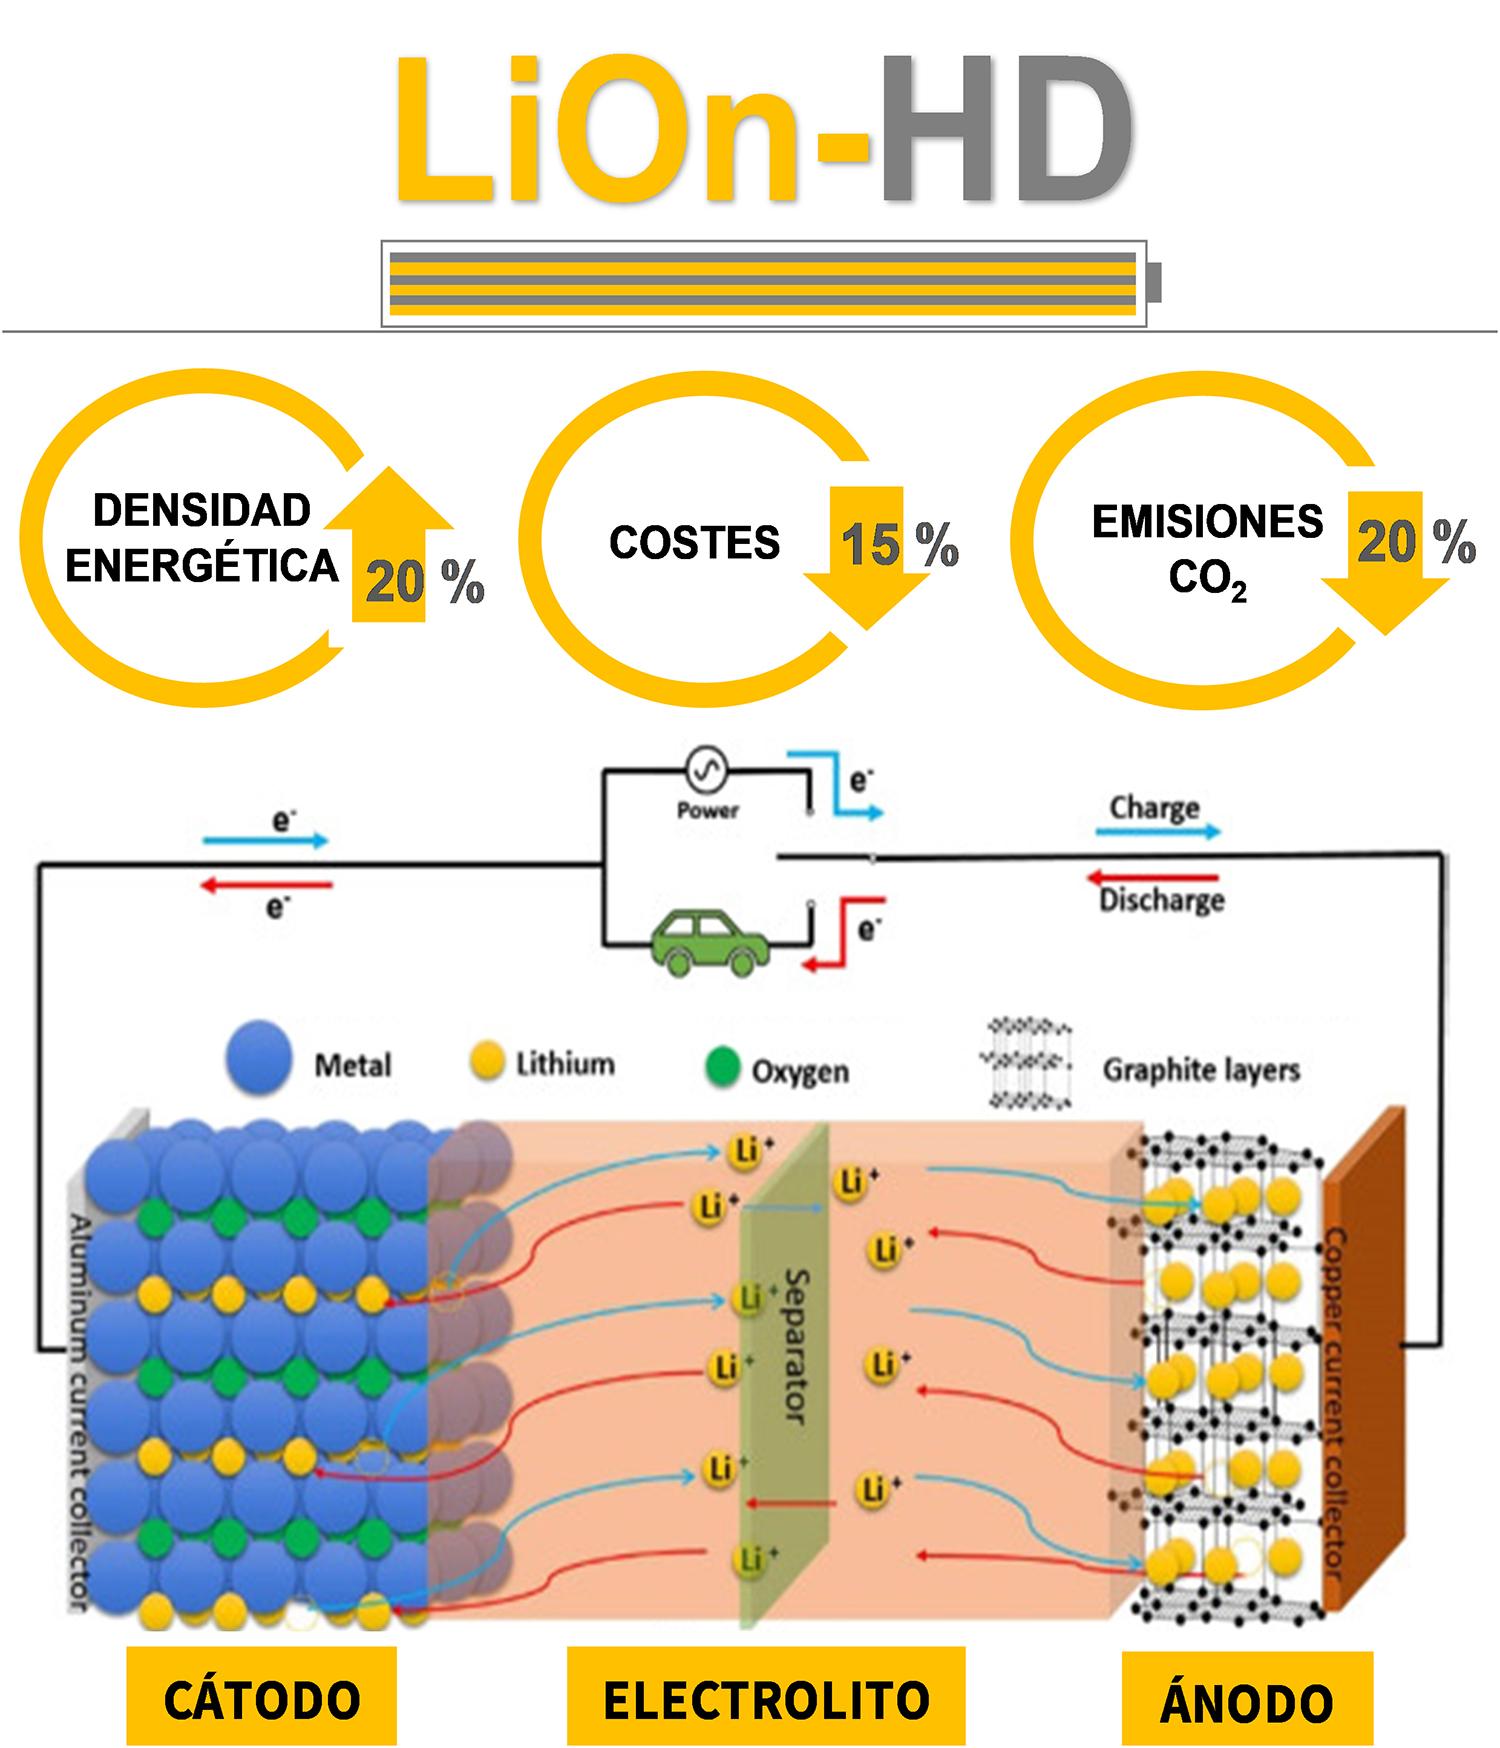 CETIM investiga las futuras baterías de Li-ion para impulsar la movilidad inteligente